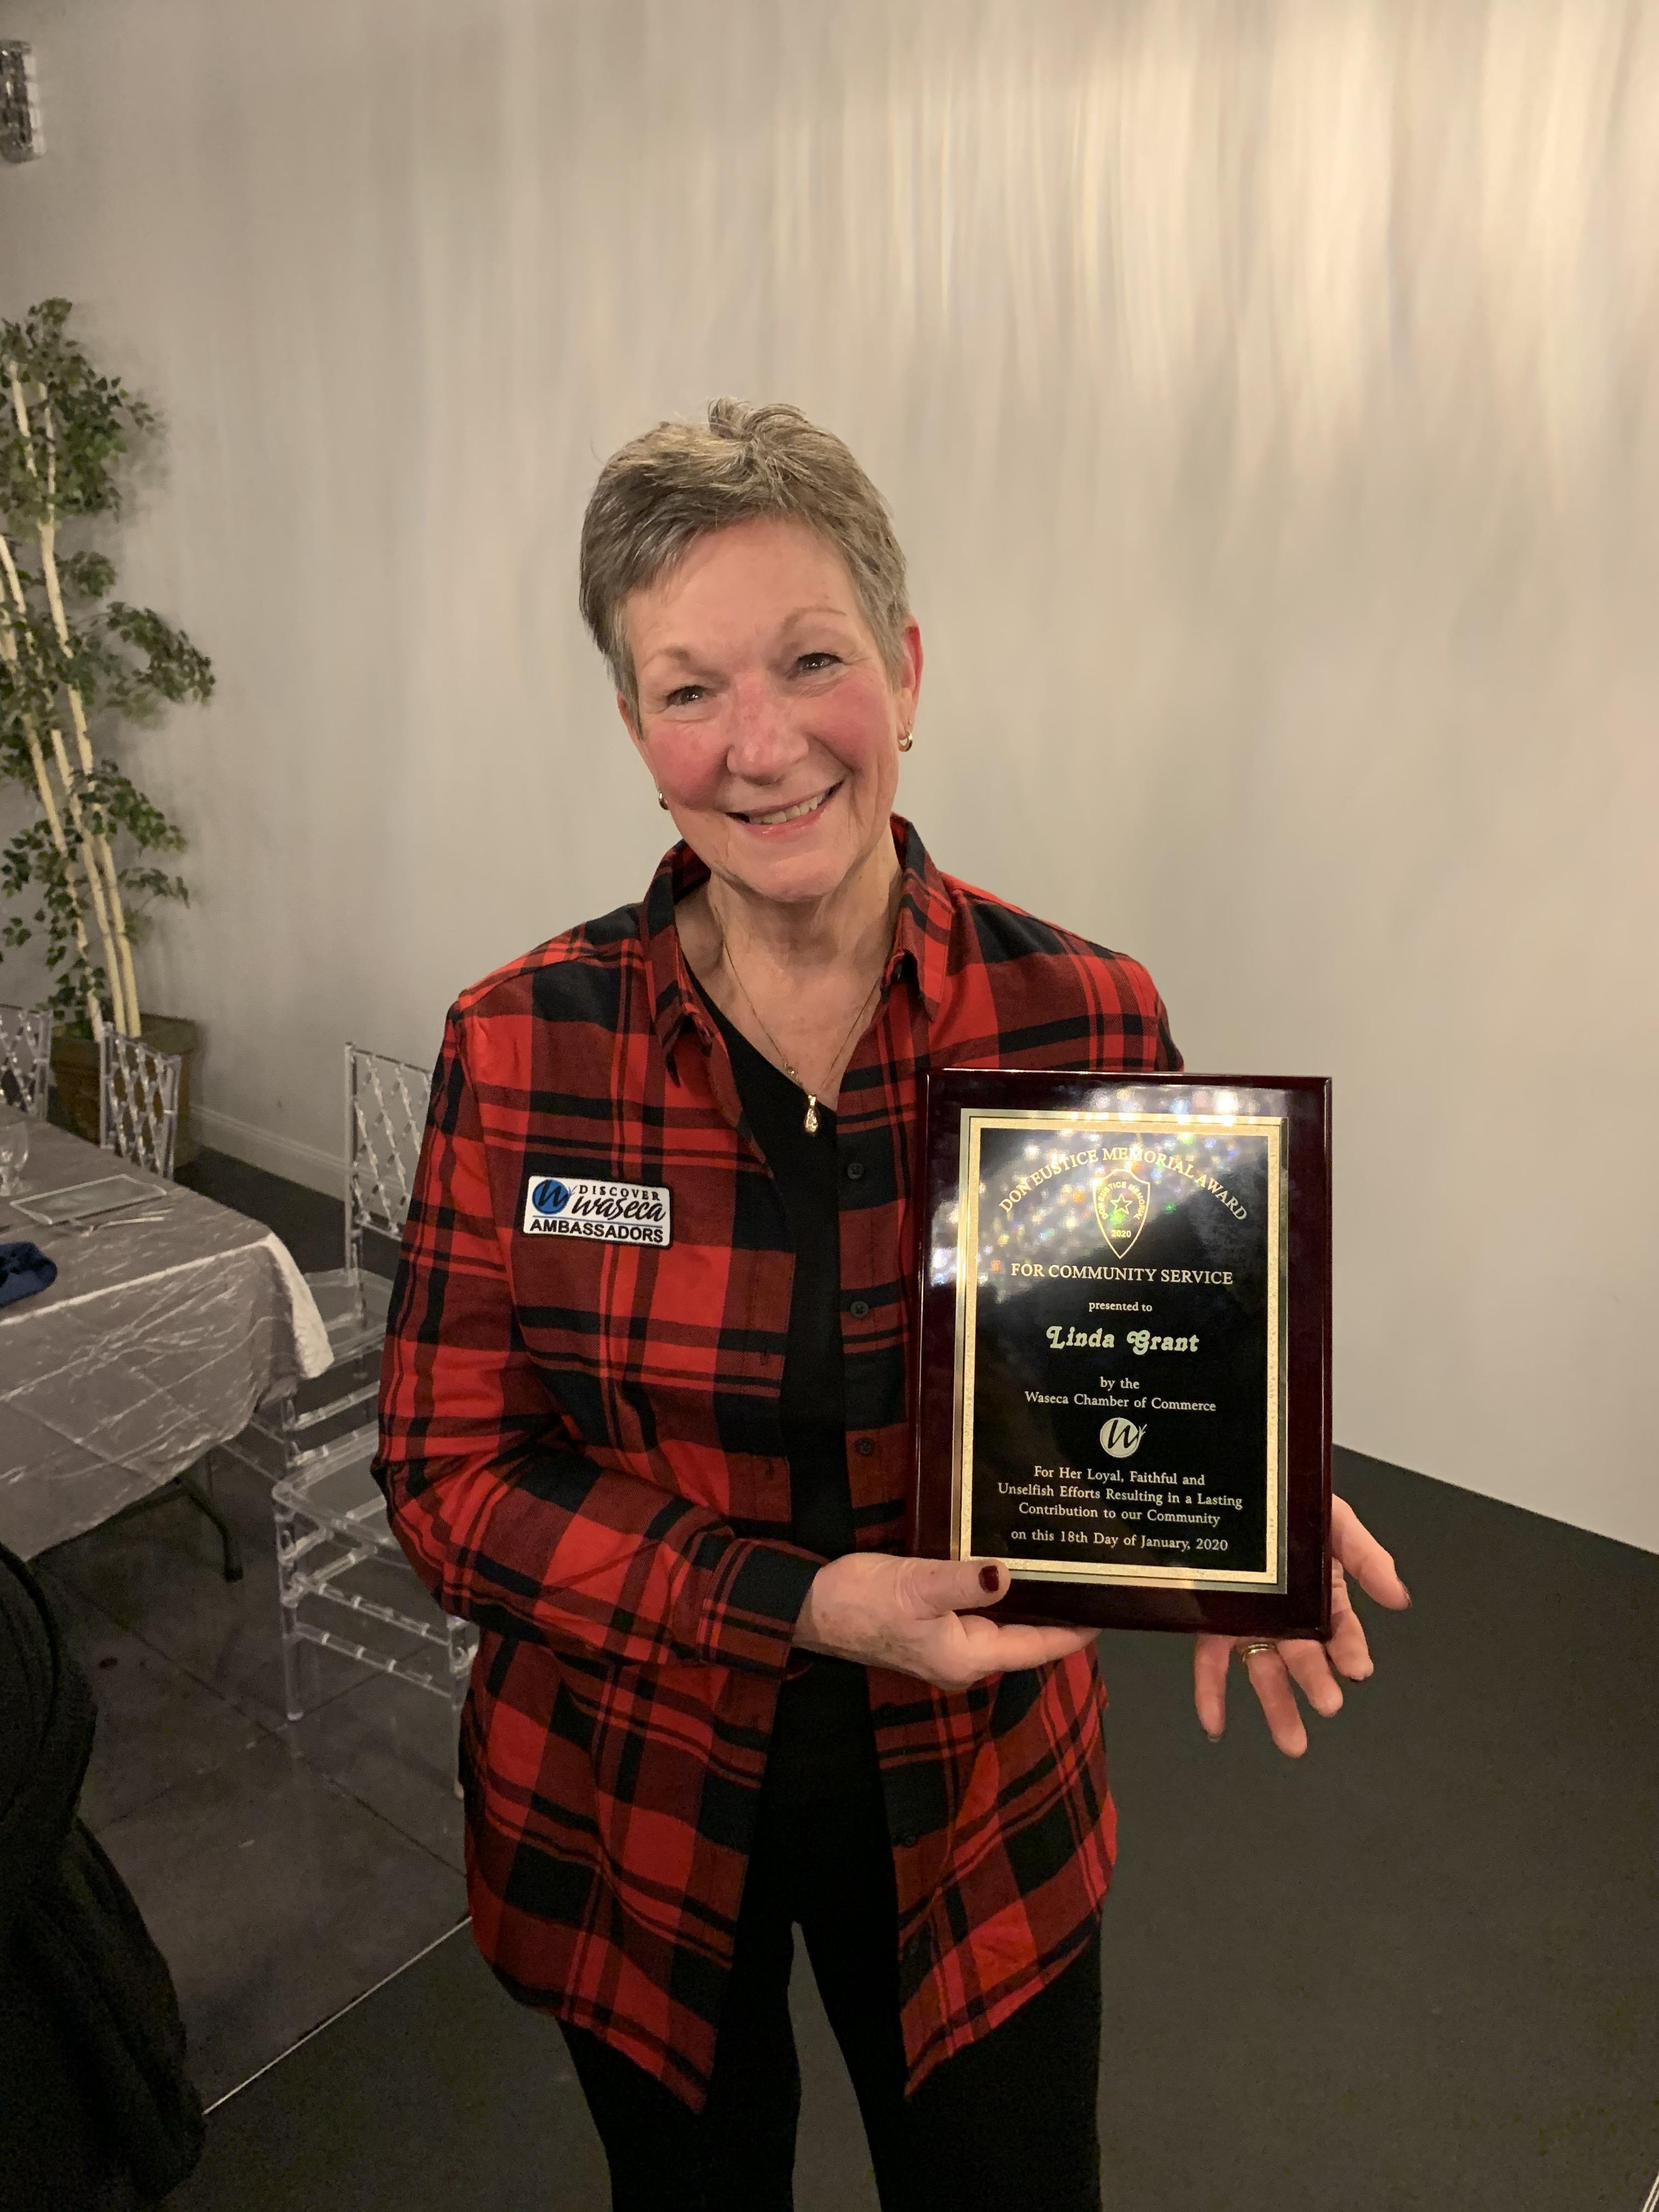 Linda-Grant-Don-Eustice-Award-Winner.jpg